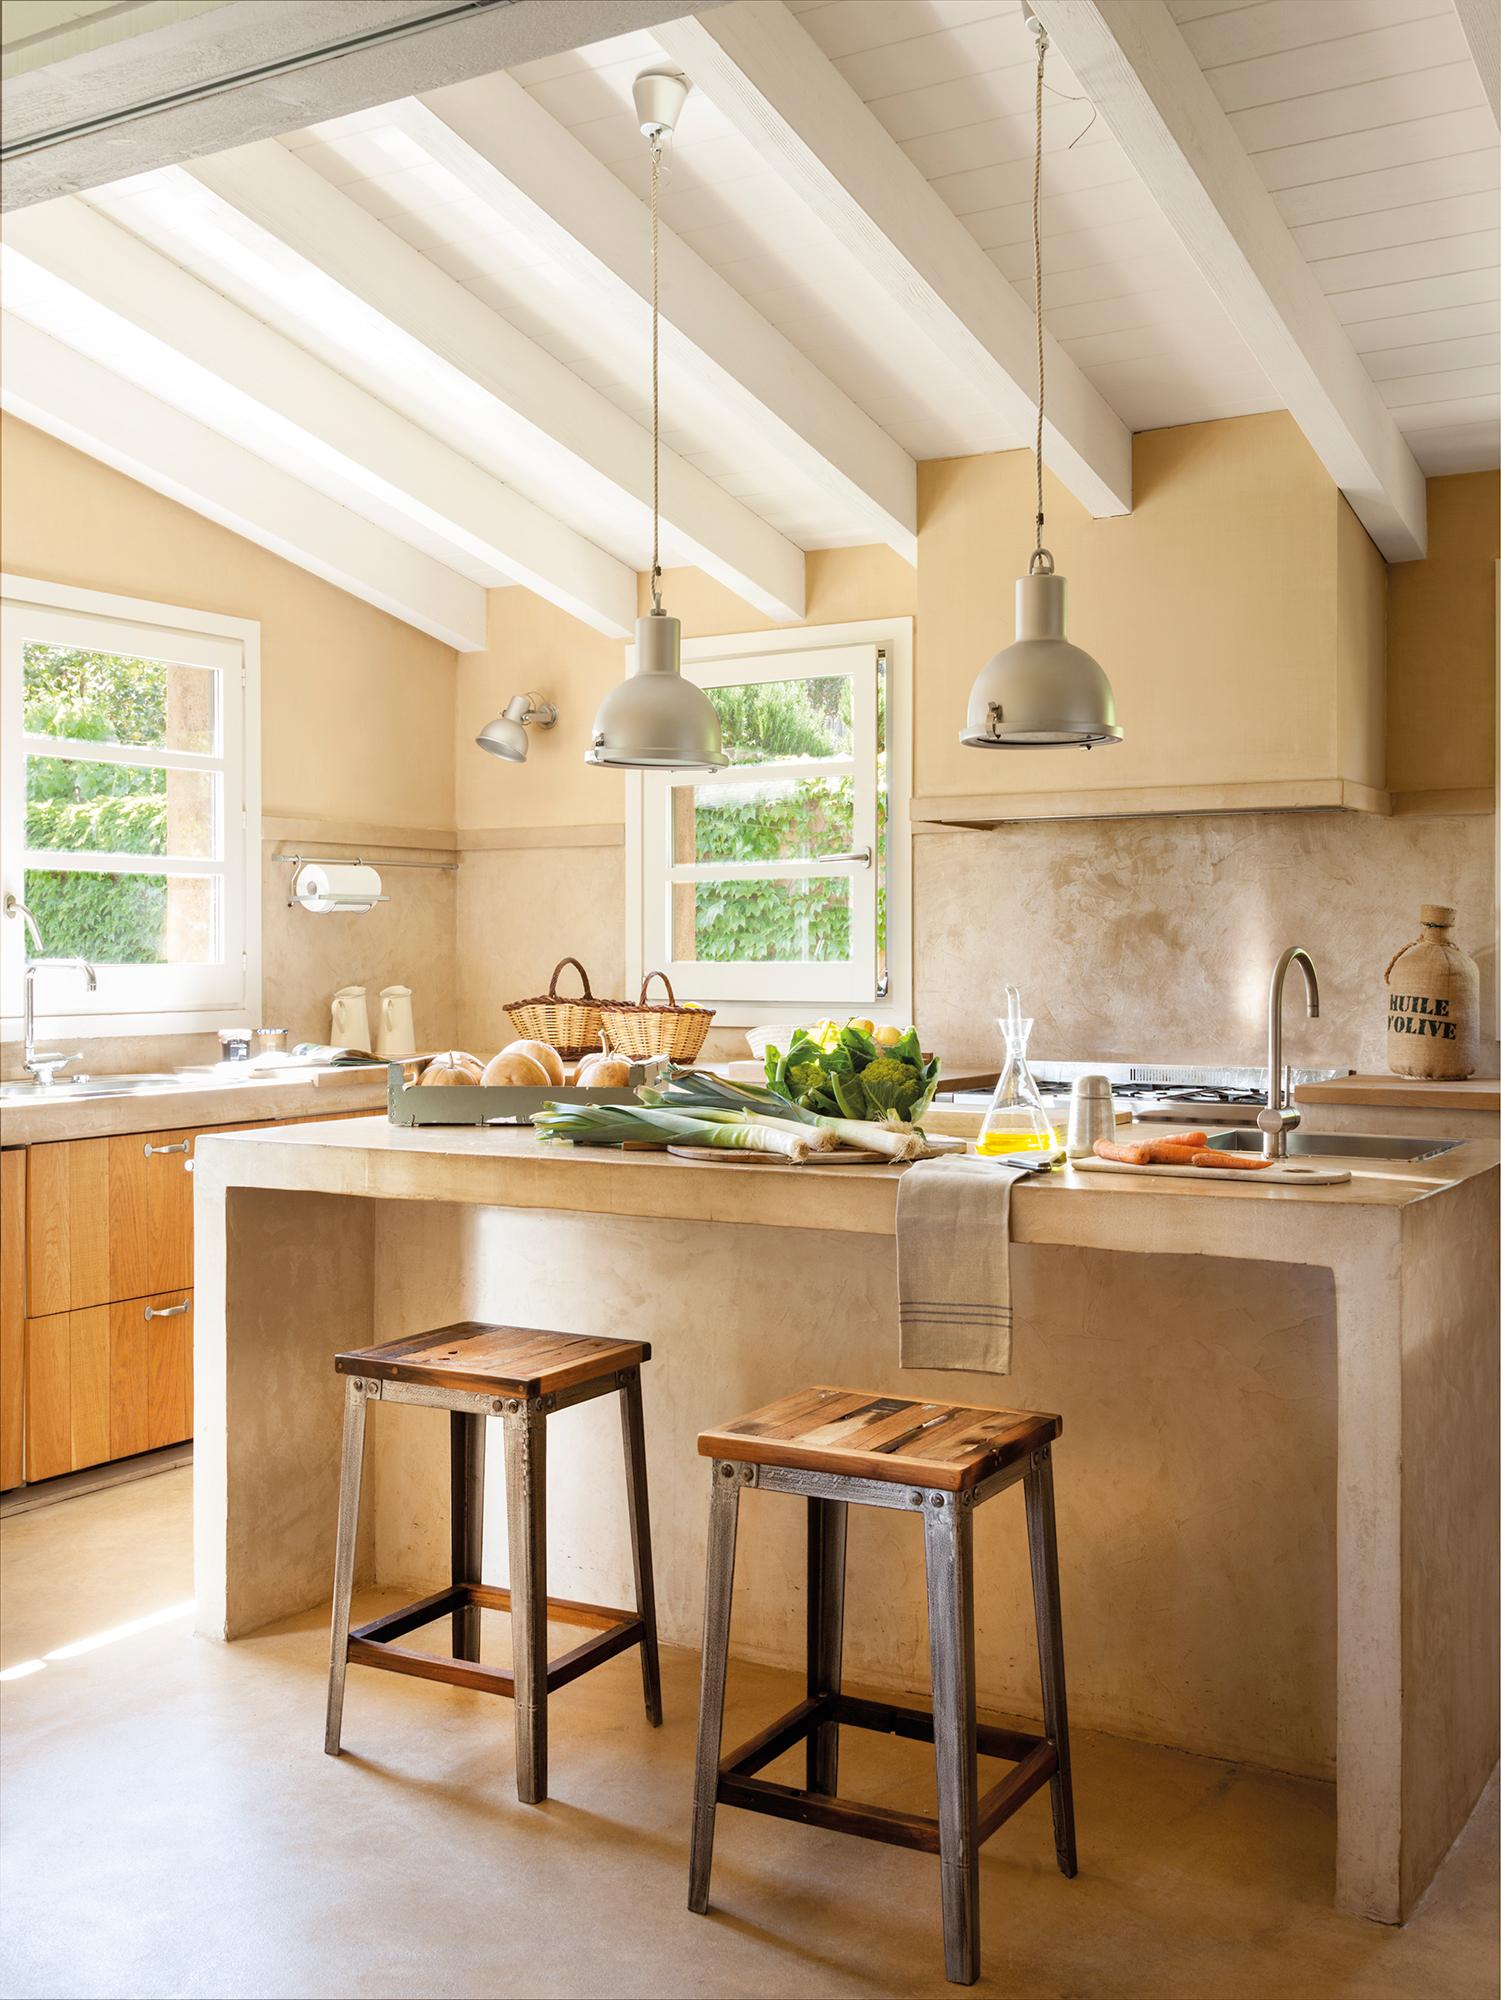 Muebles de cocina elmueble for Lamparas cocinas rusticas